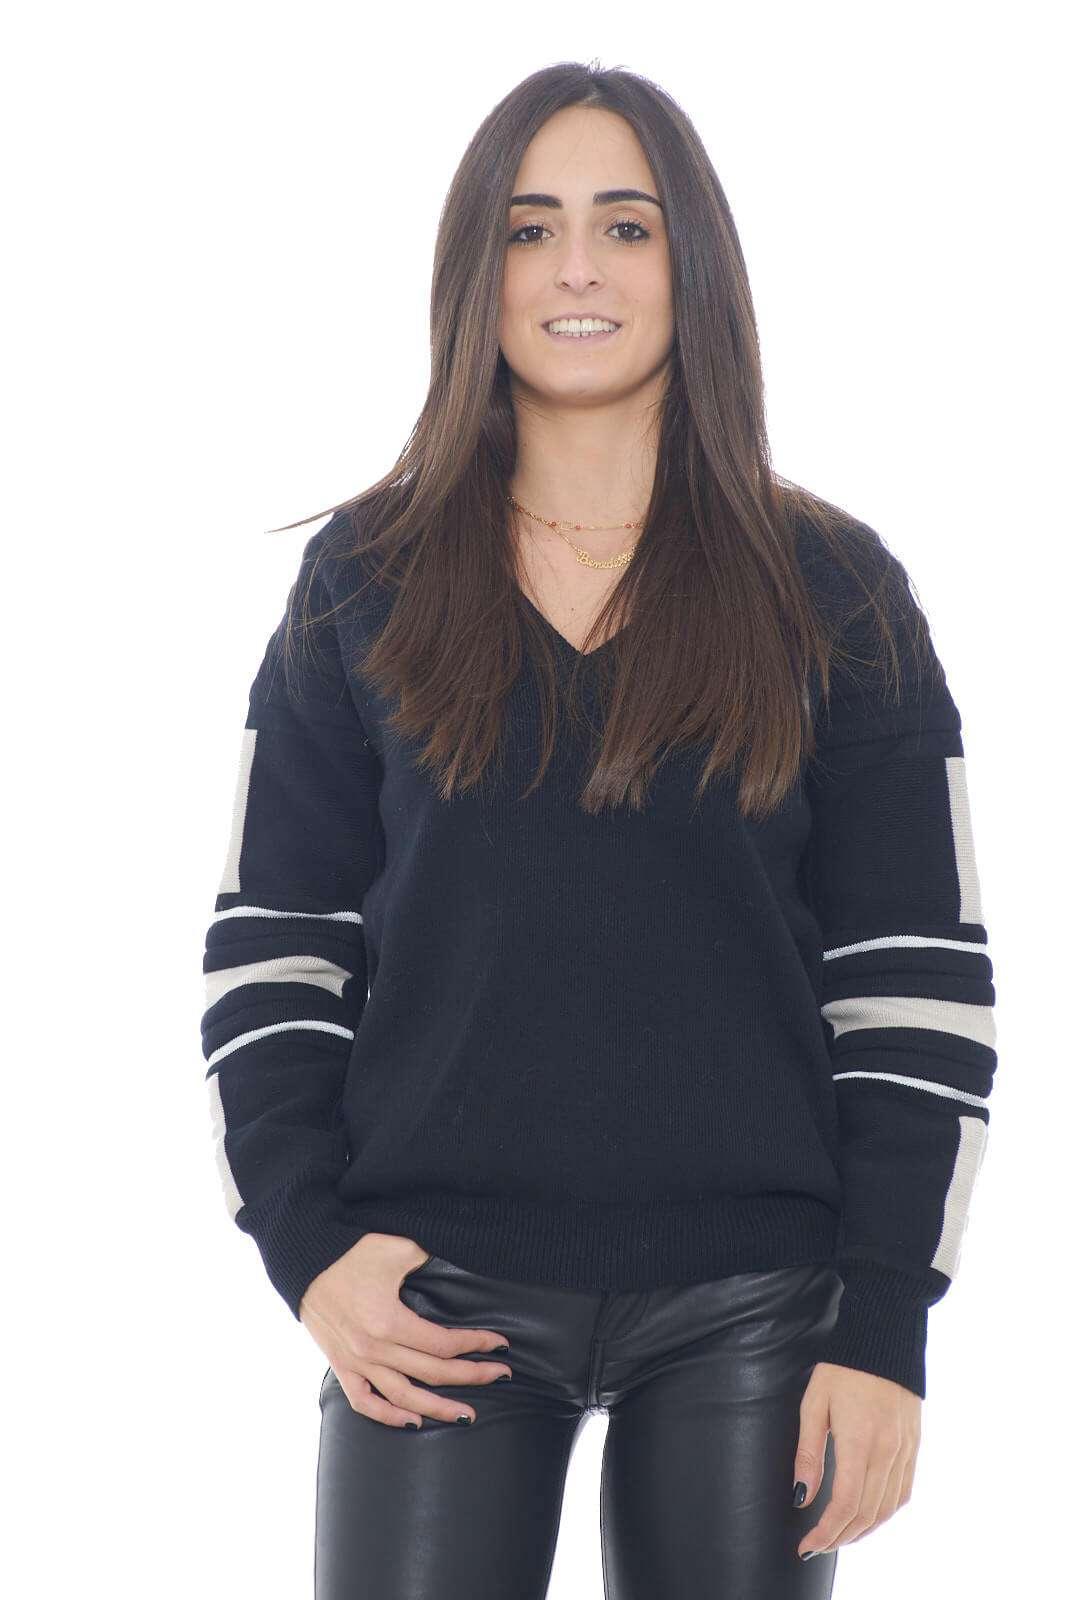 Un maglione alla moda, femminile e caldo, quello proposto da Patrizia Pepe. Perfetto per look semplici e chic, dove con un jeans e una sneaker, creerai outfit quotidiani glamour e sempre di tendenza.  La modella è alta 1,78m e indossa la taglia 0.